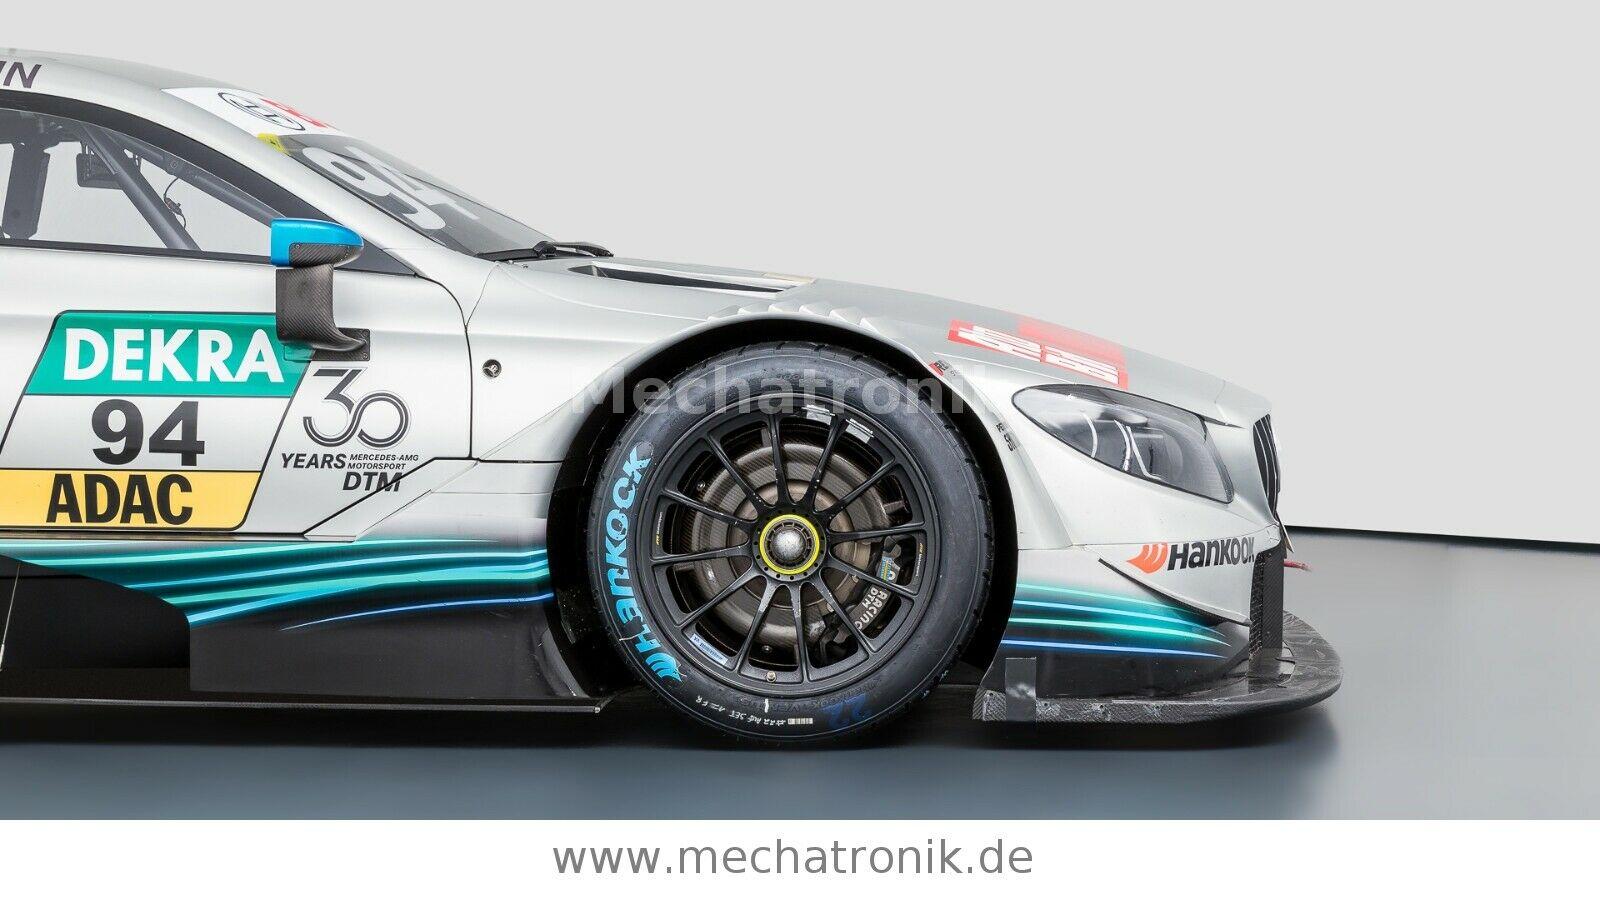 Mercedes-AMG C63 DTM wheels